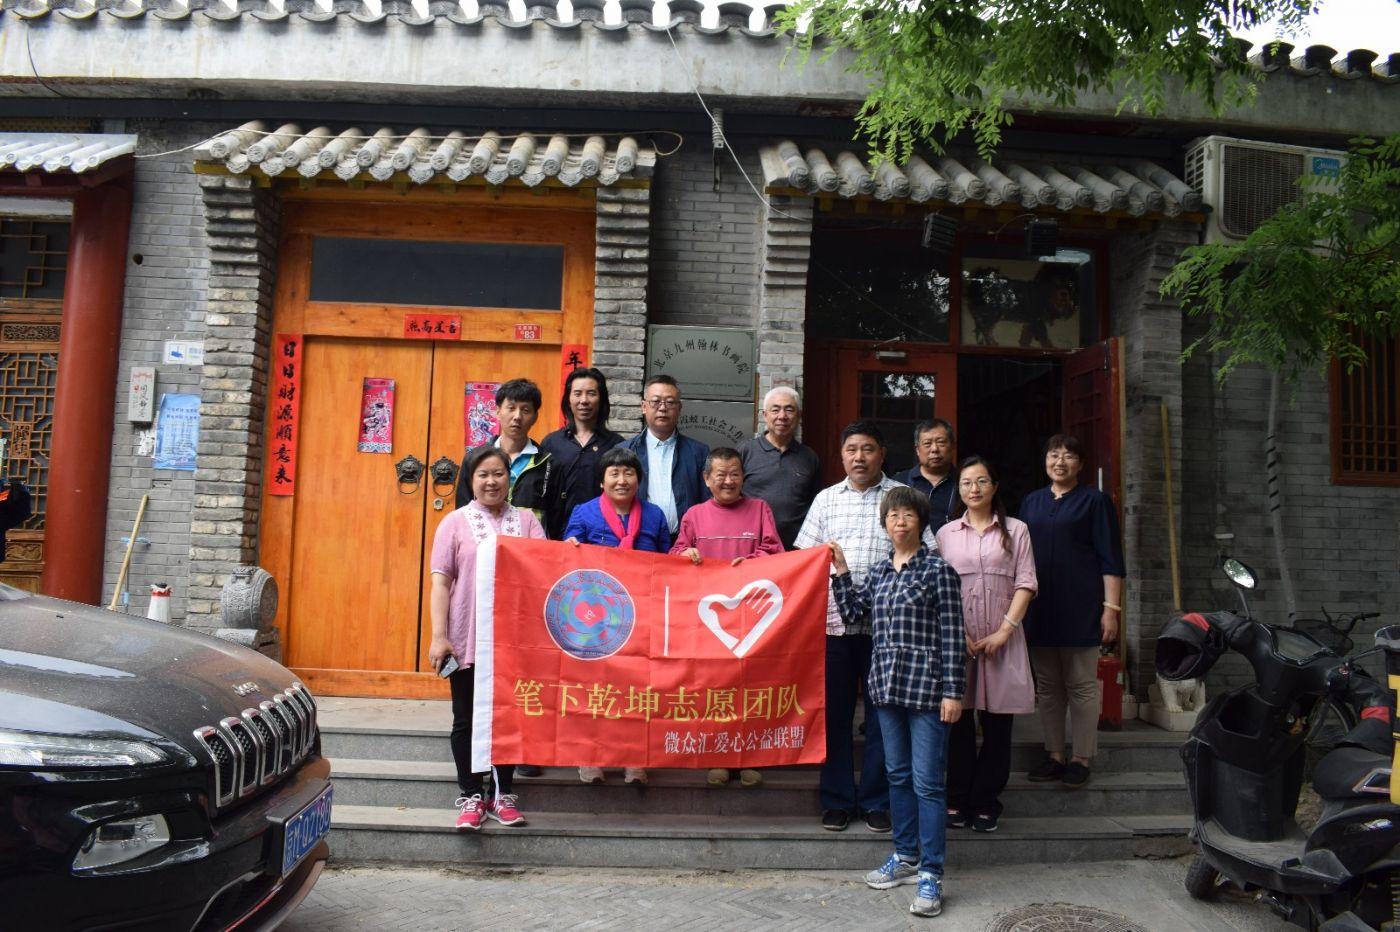 北京笔下乾坤志愿团队成立_图1-1